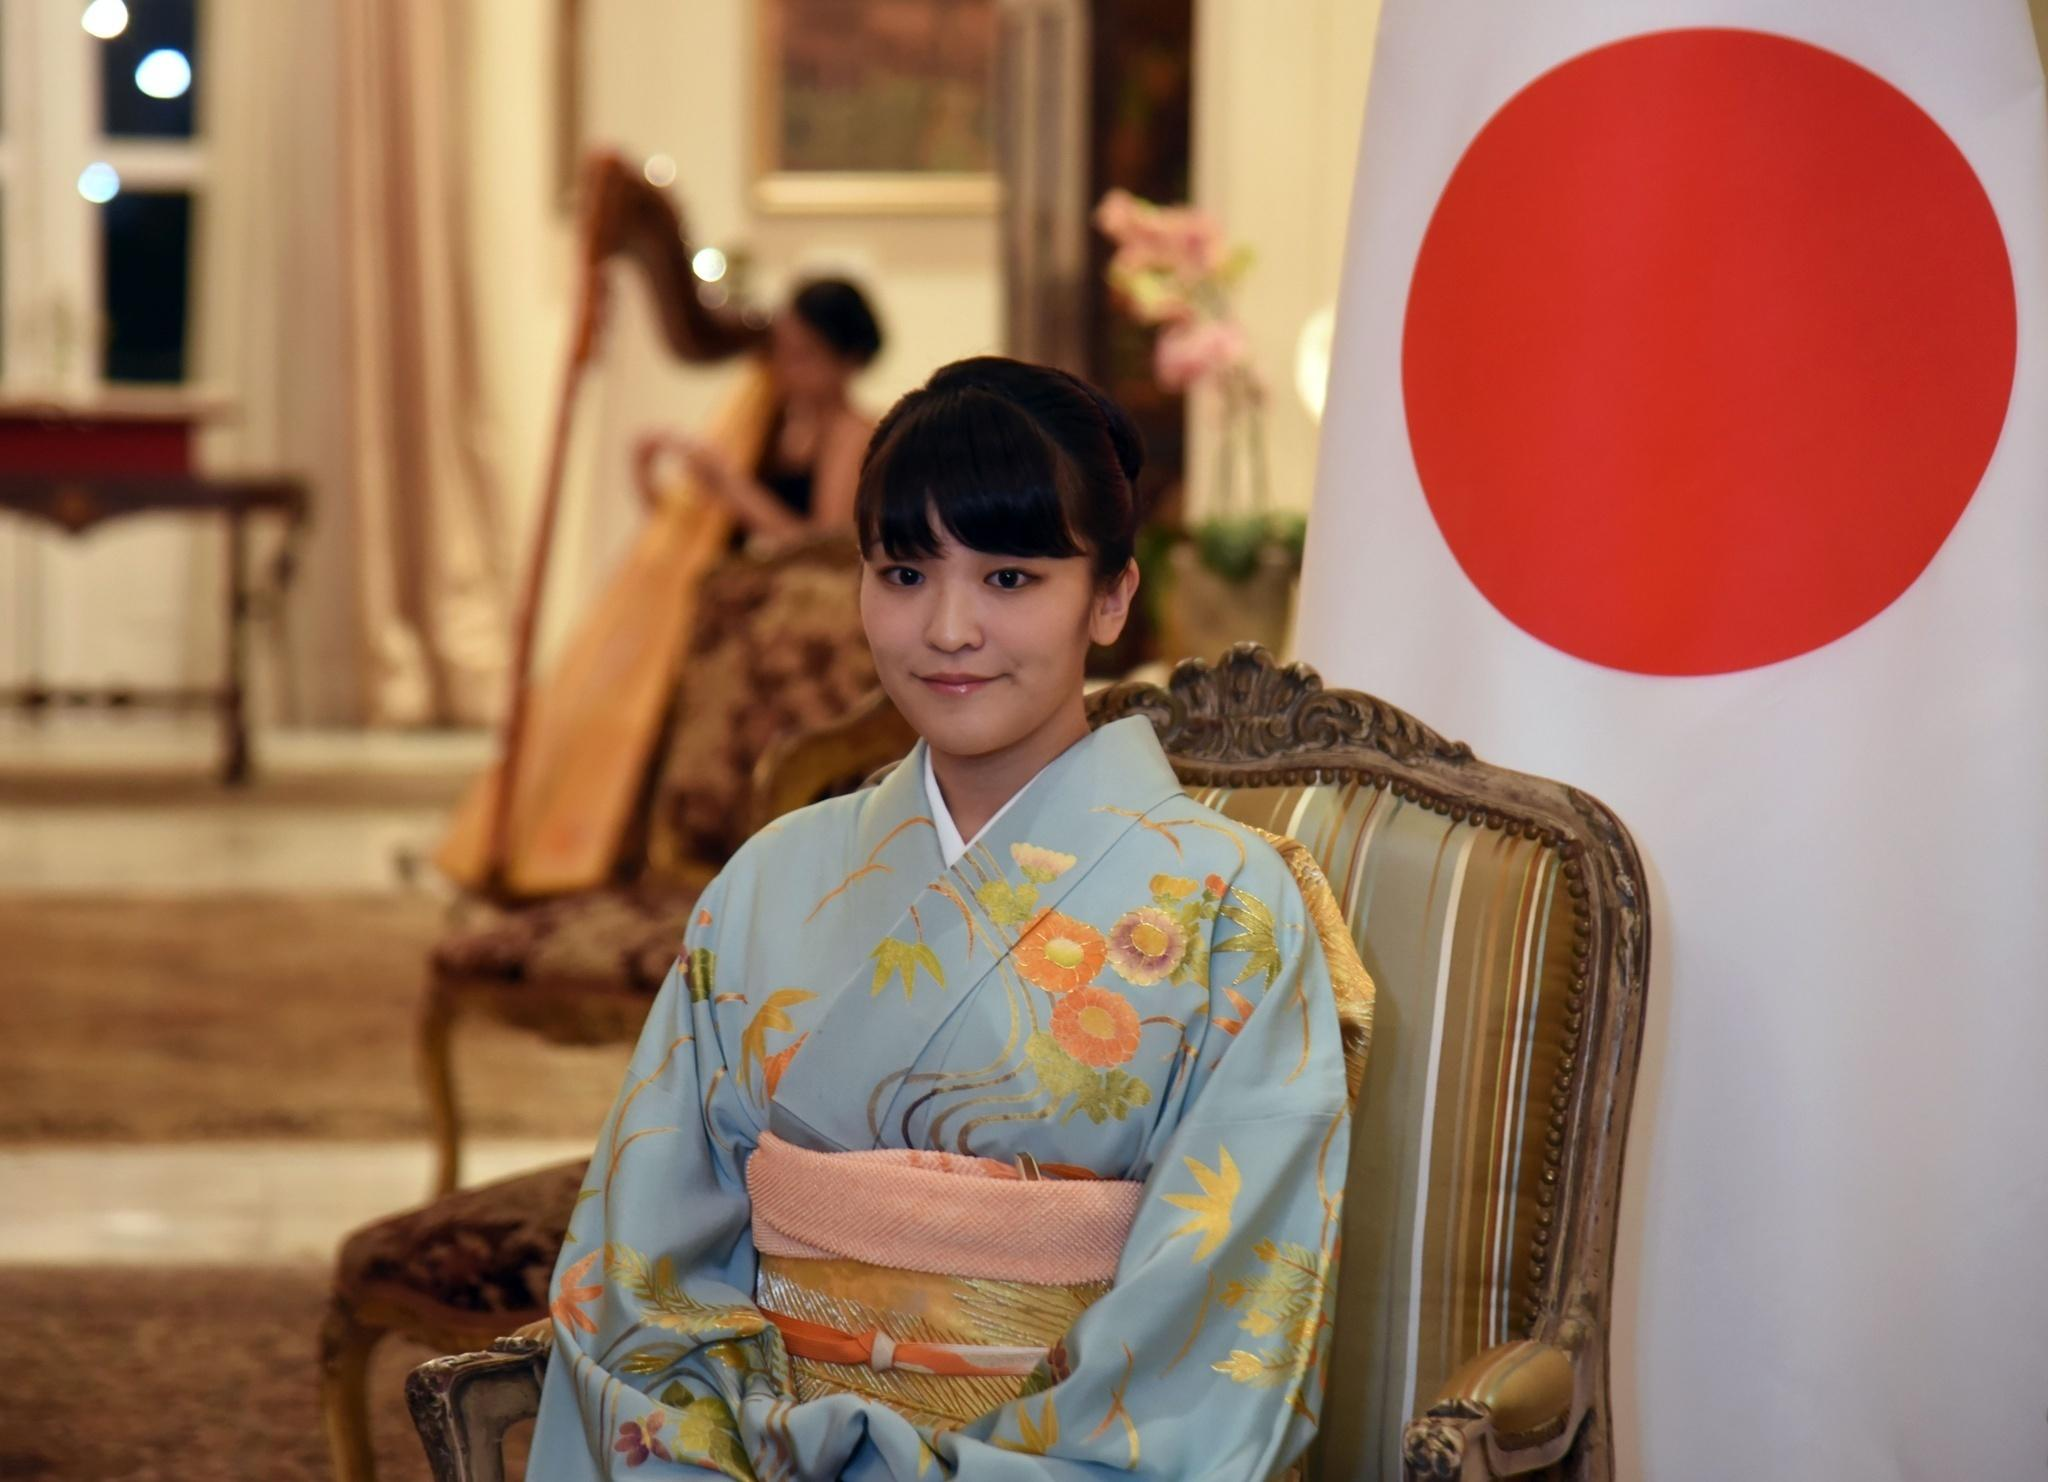 日本真子公主訂婚餐廳裡邂逅的「海王子」!為愛放棄皇室身份「超帥大學同學」背景被起底曝光!